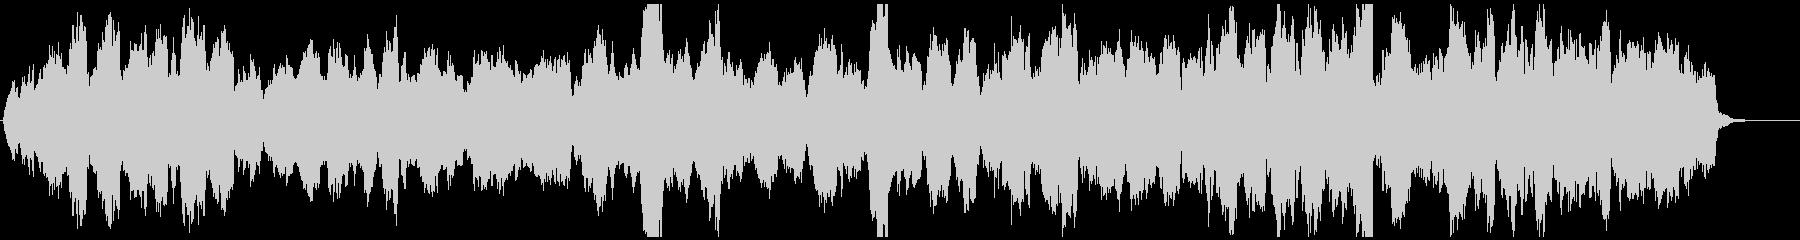 チェロとホルンの切ないBGMの未再生の波形